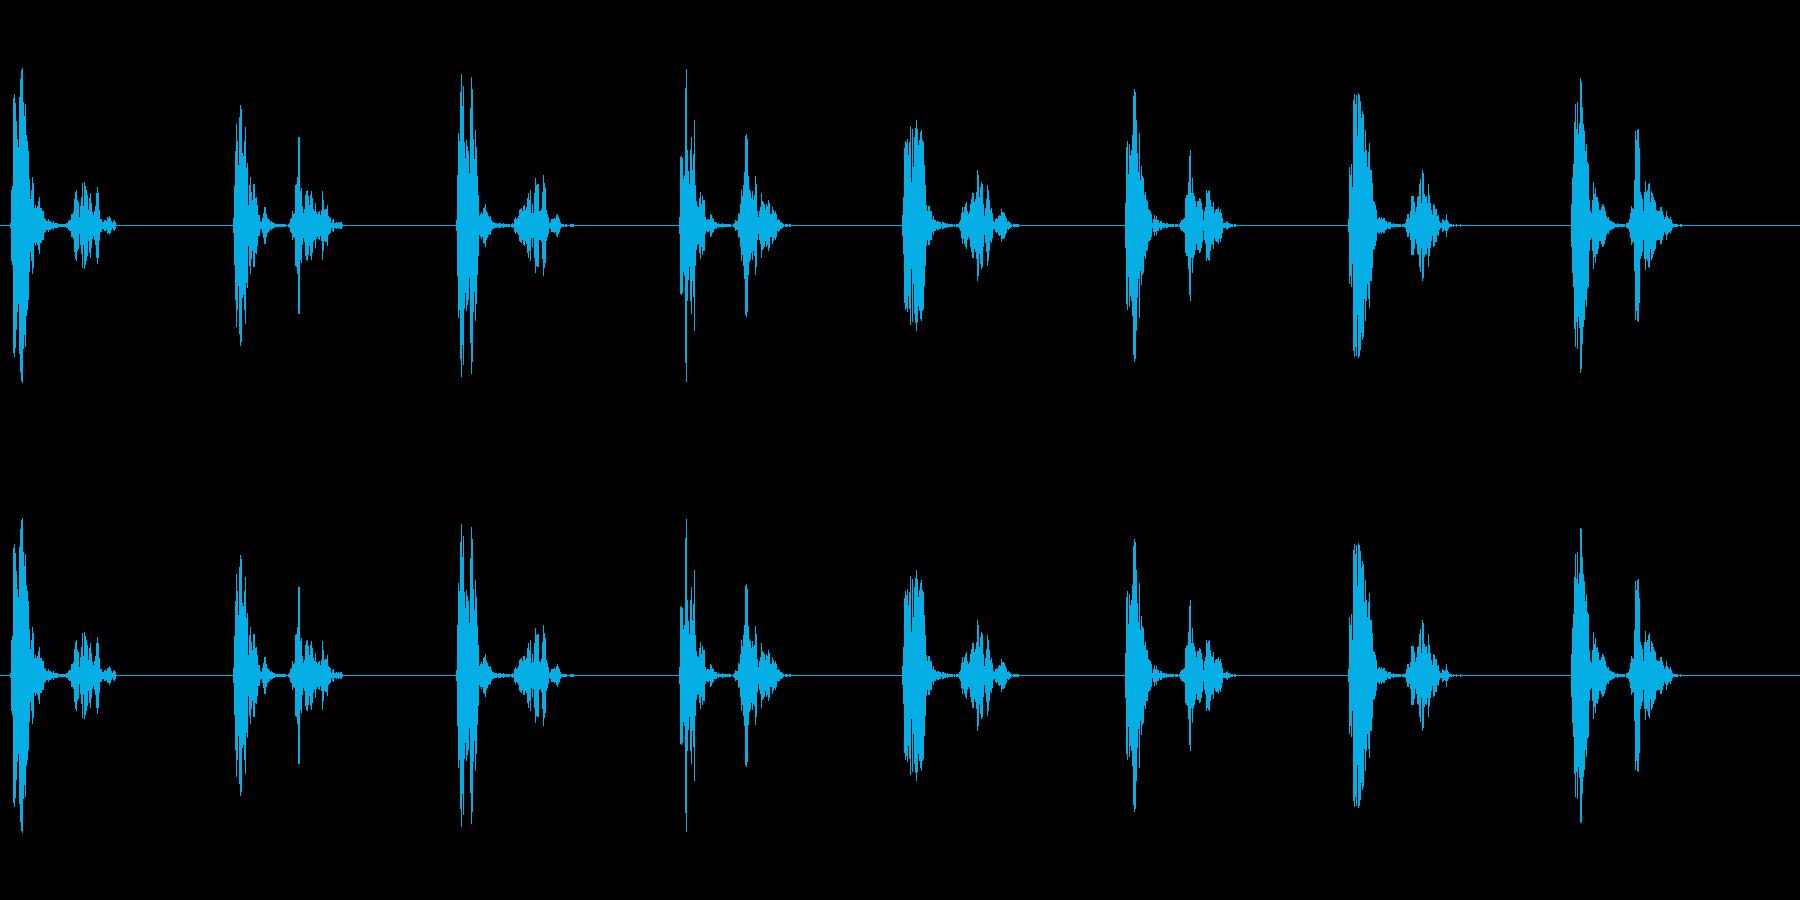 きゅむっ、きゅむっ…(足音、丸い、肉球)の再生済みの波形